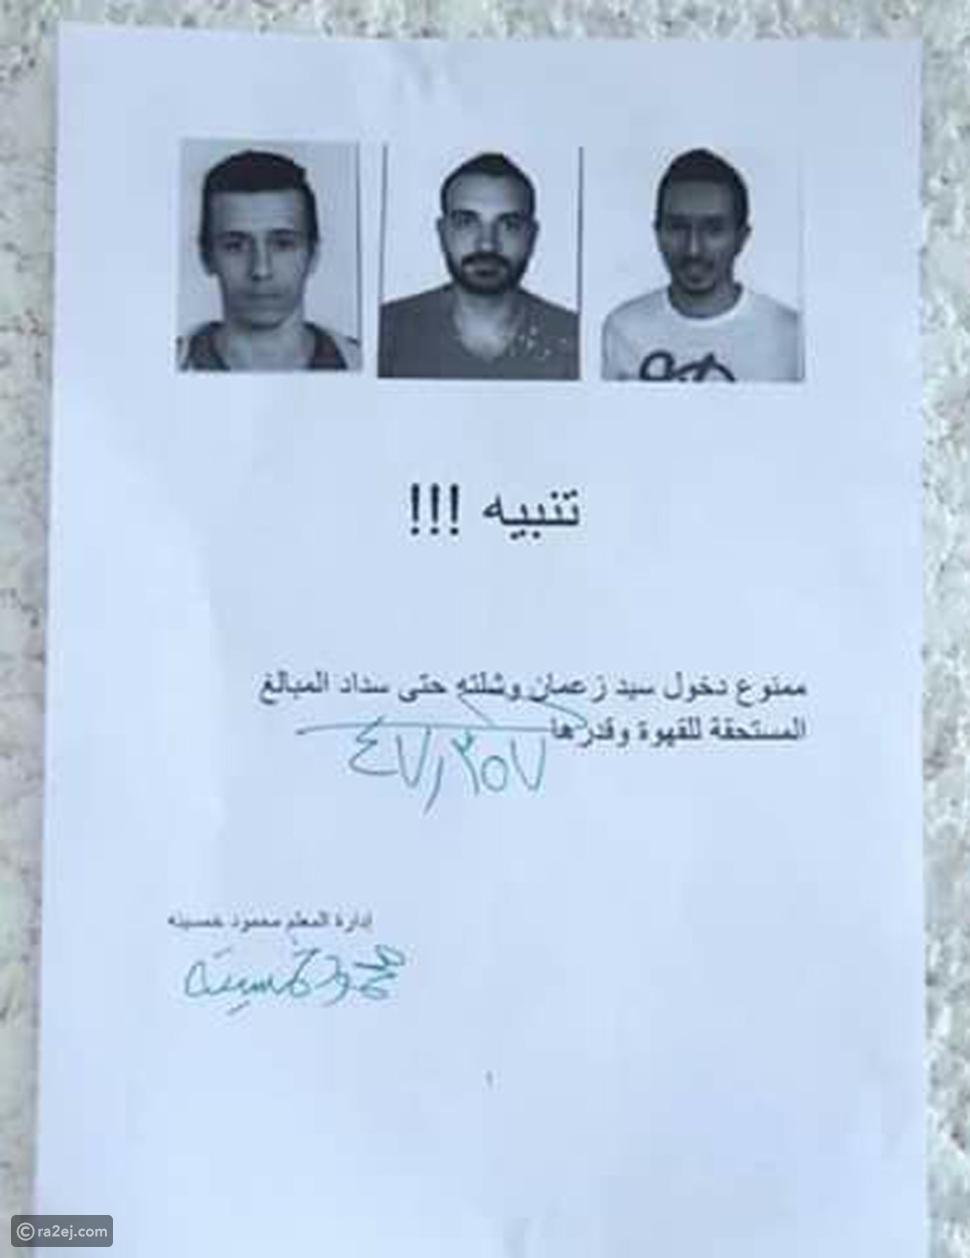 شاهد: صاحب مقهى مصري يمنع 3 زبائن من دخول المقهى لسبب صادم